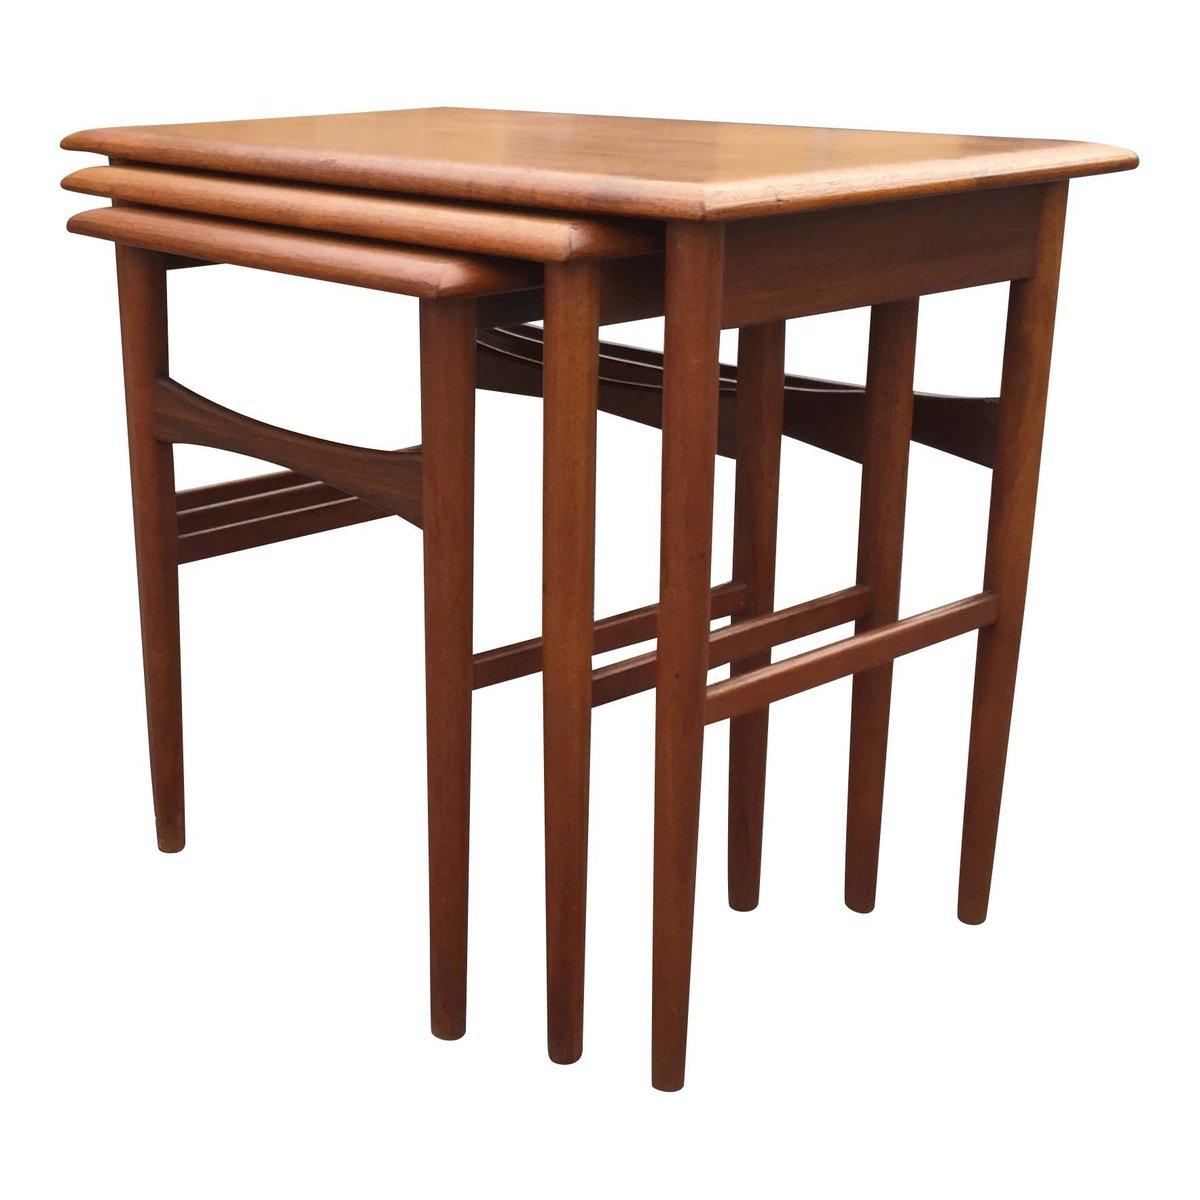 Vintage danish teak nesting tables set of for sale at